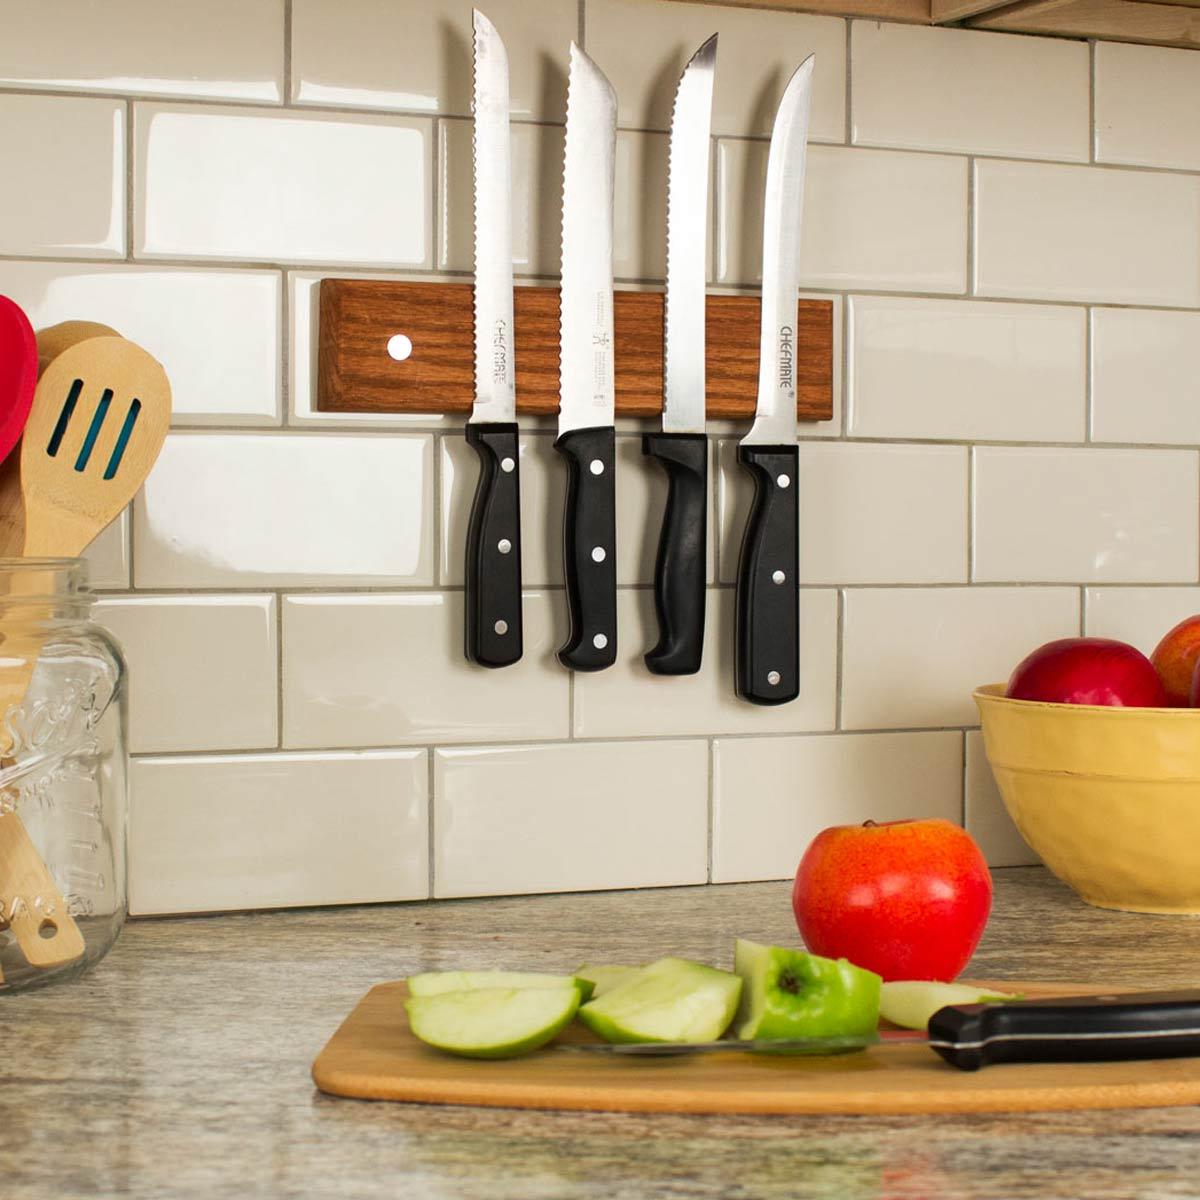 Магнитный держатель для ножей своими руками  просто быстро и красиво Пошаговая инструкция с фото